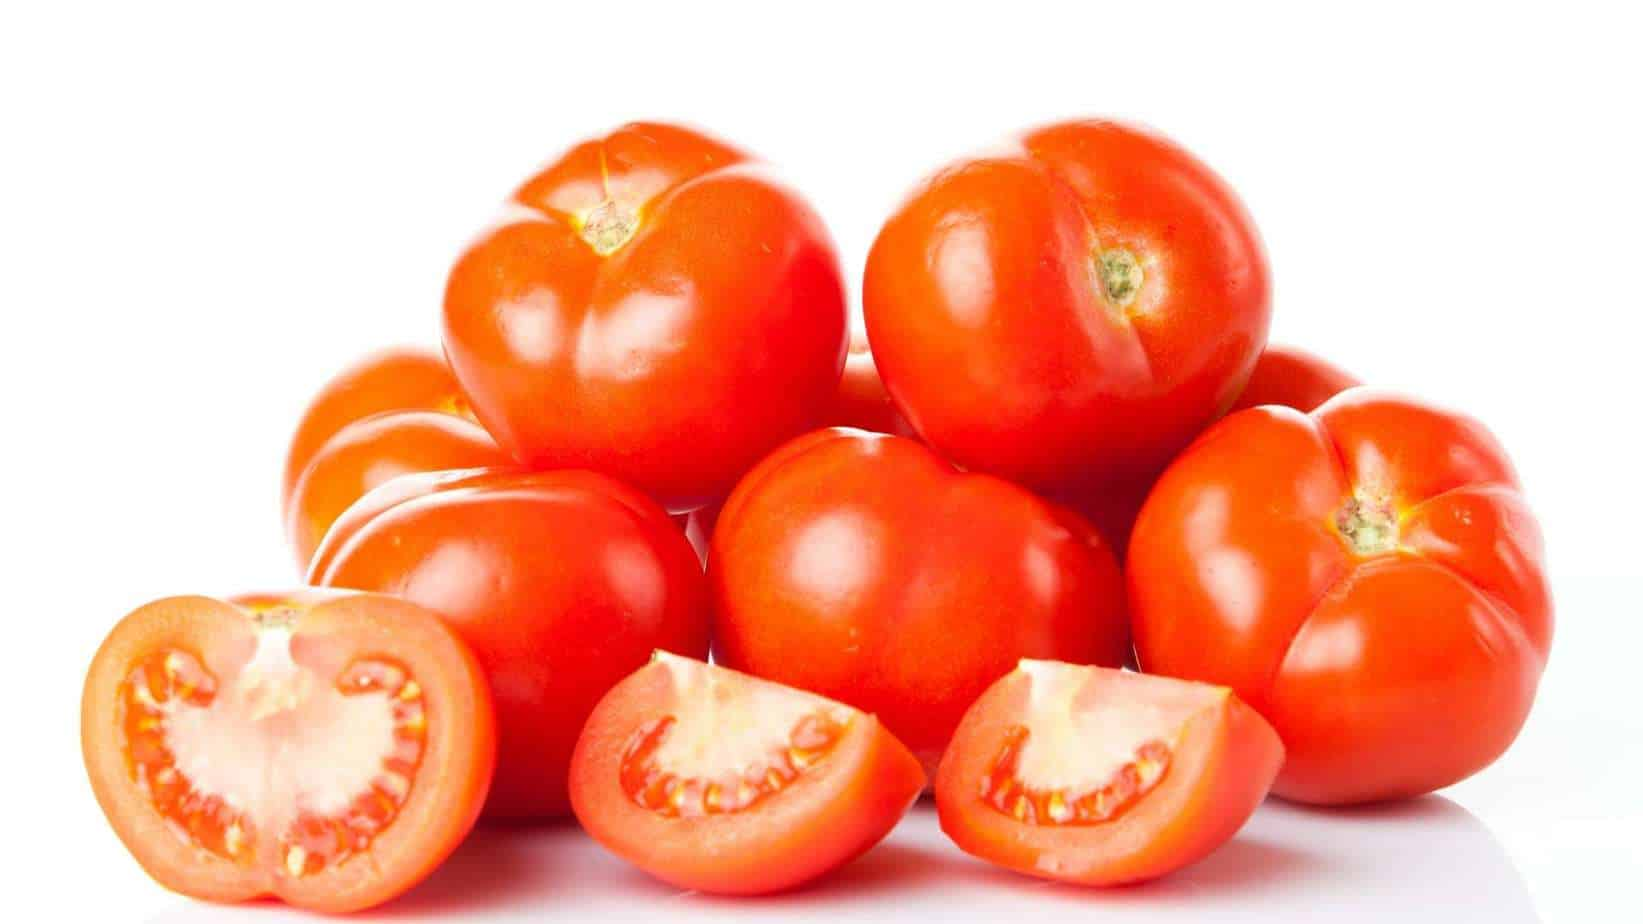 Tomaccio Tomato